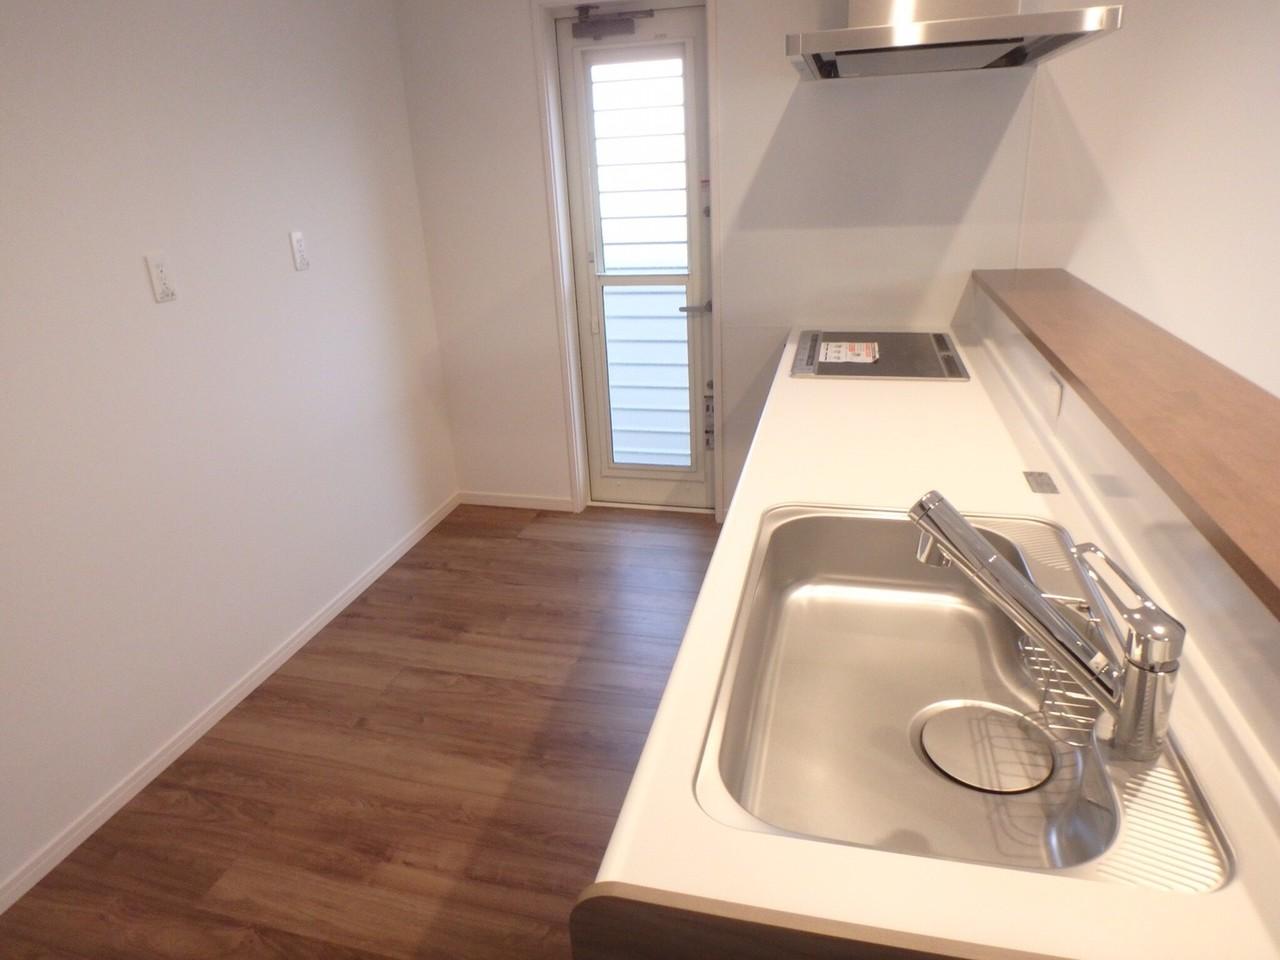 キッチンスペースも広々。作業スペースが広くお料理のしやすいキッチンです。食器洗浄機も付いているので食器の後片付けも楽チンです♪